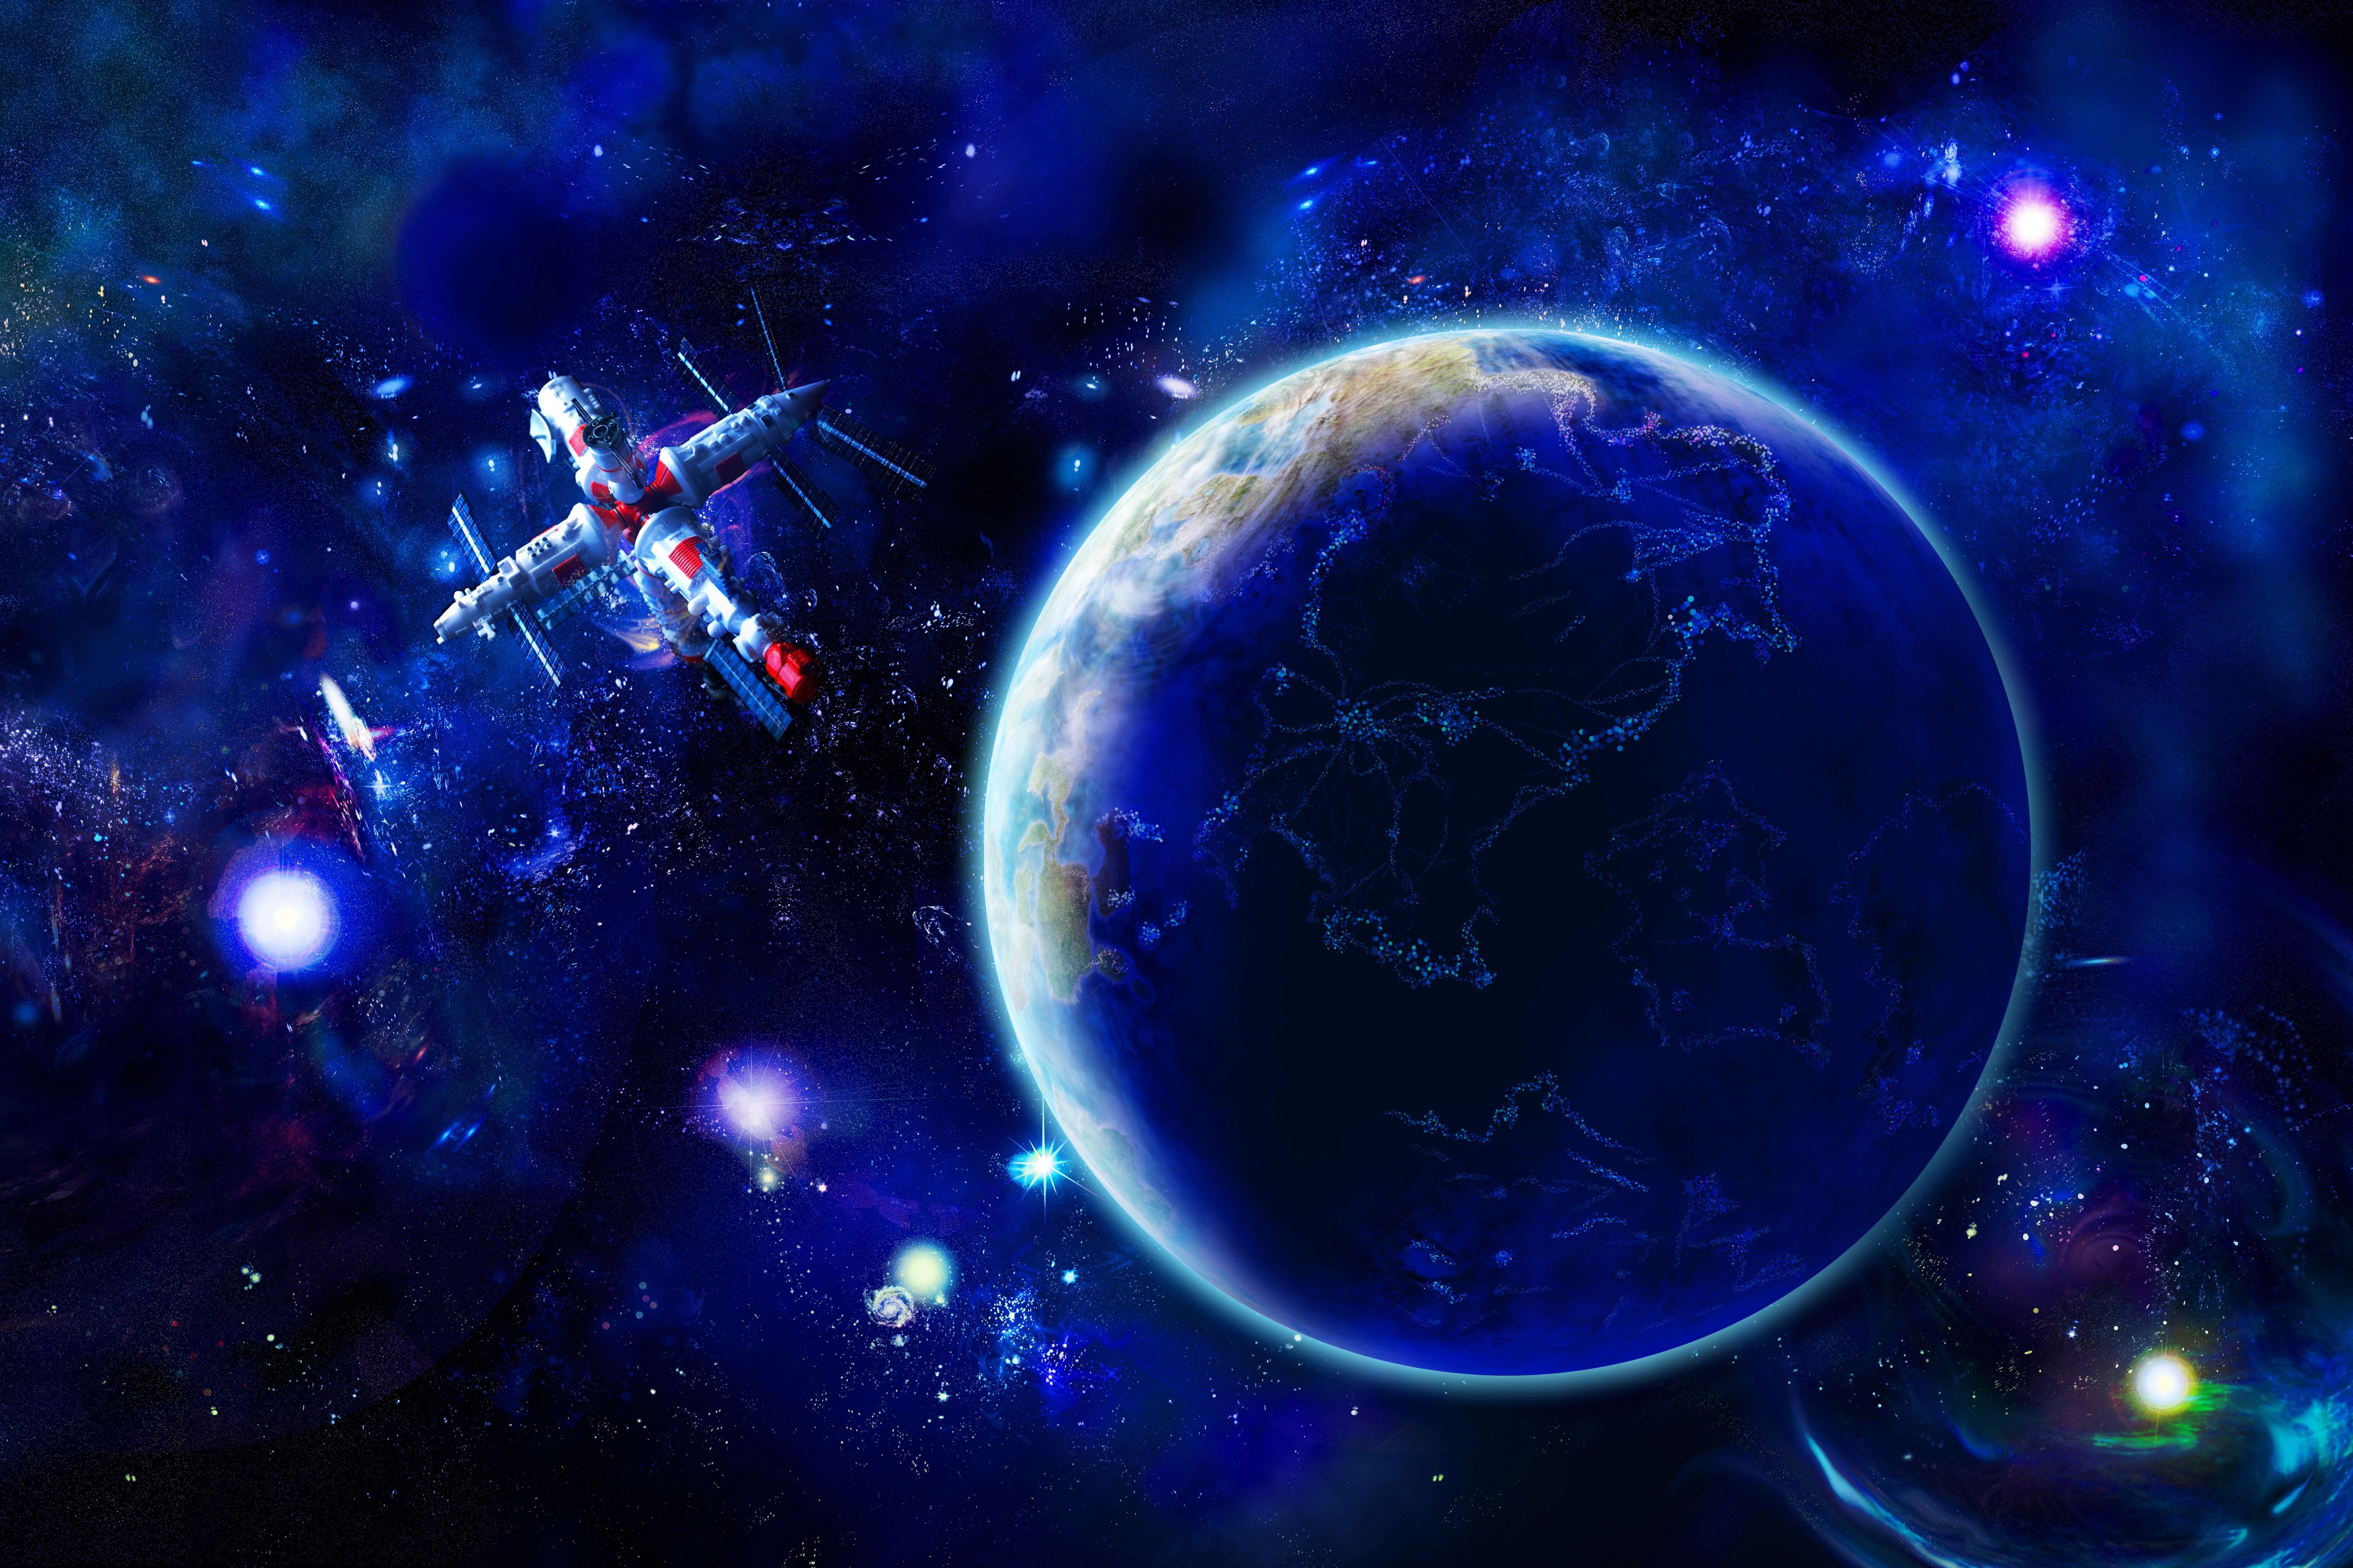 космос и планеты с картинками